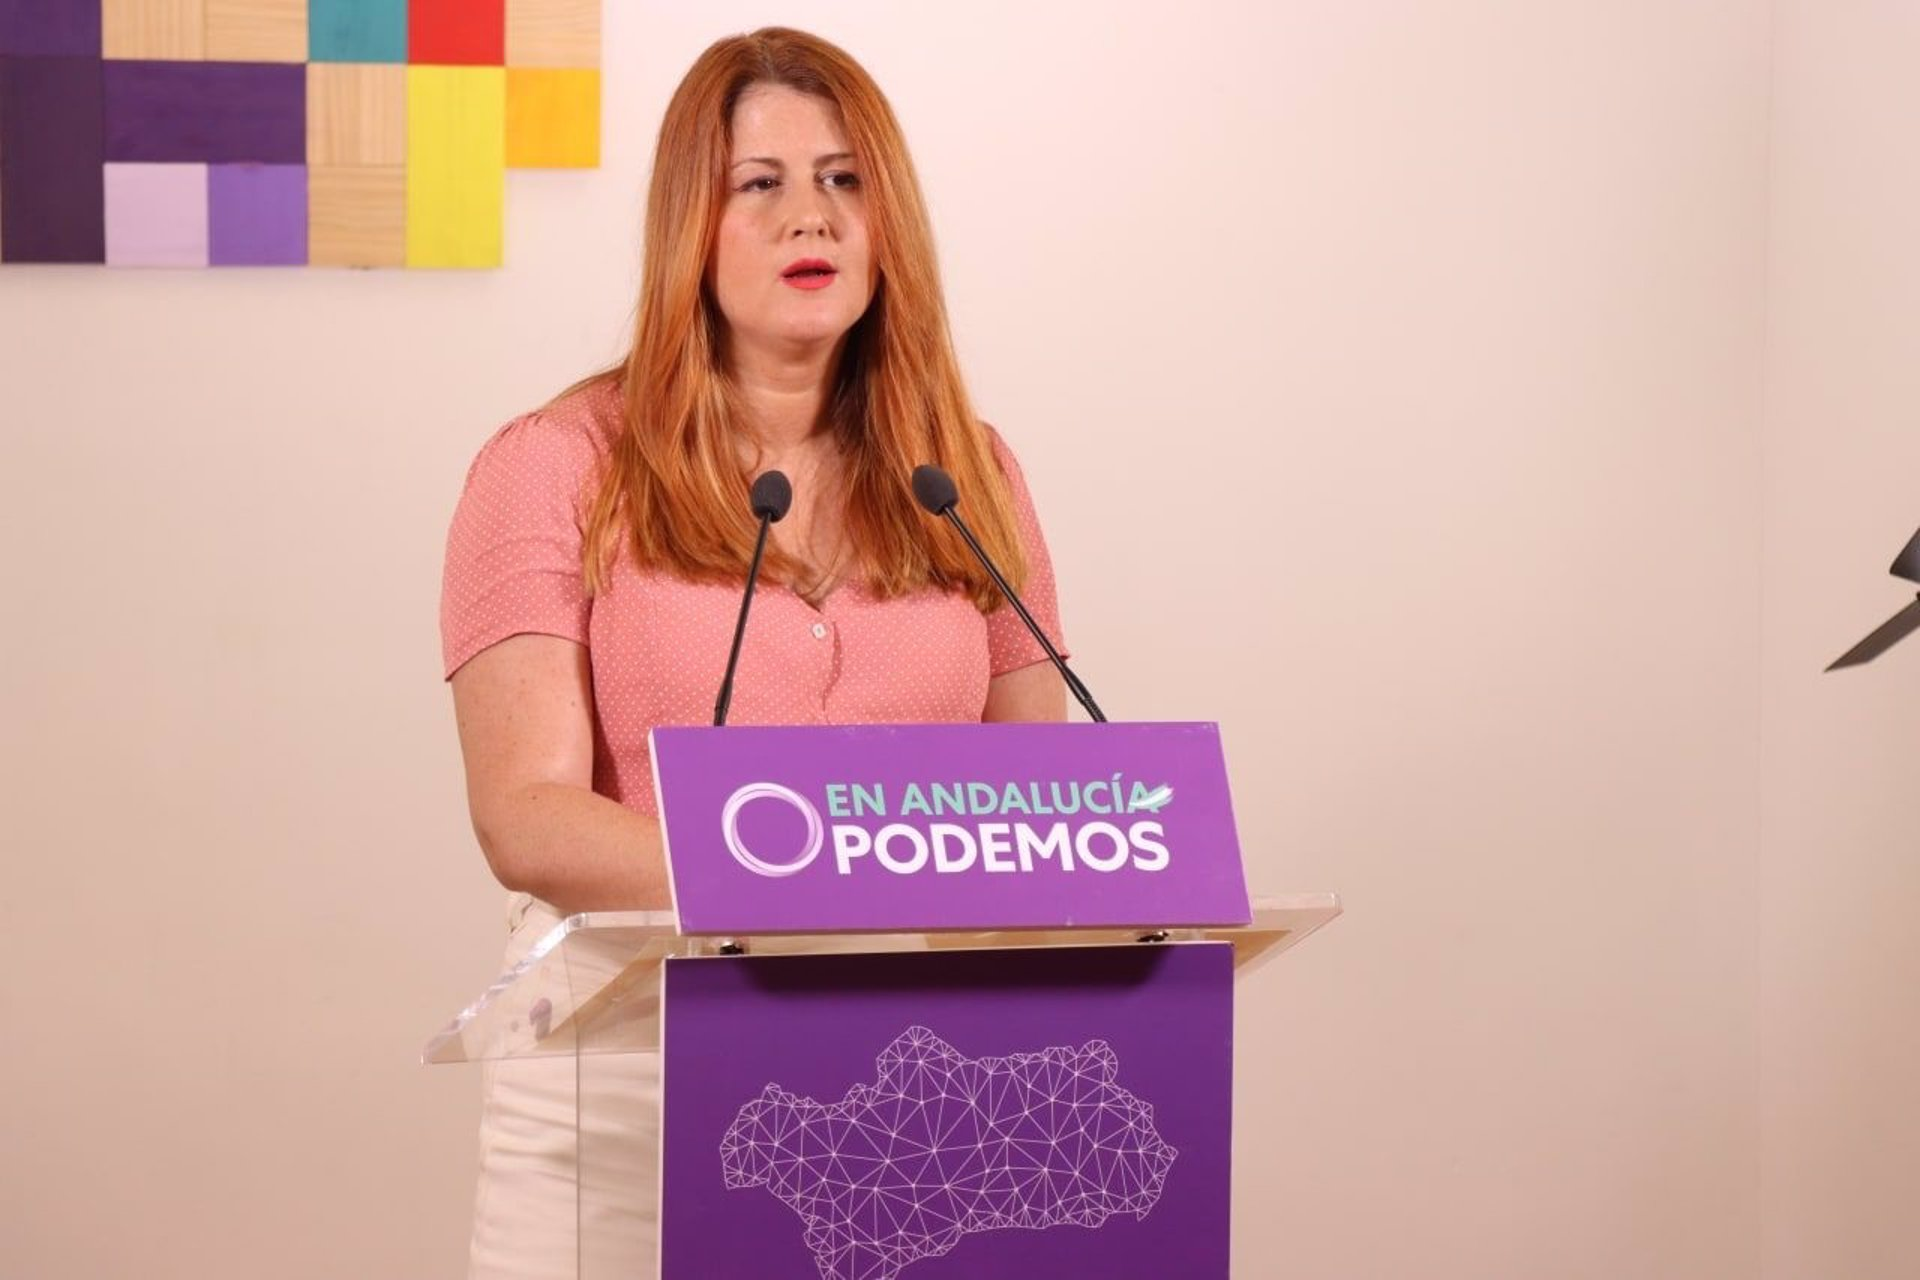 Podemos reclama al Gobierno el indulto de Juana Rivas